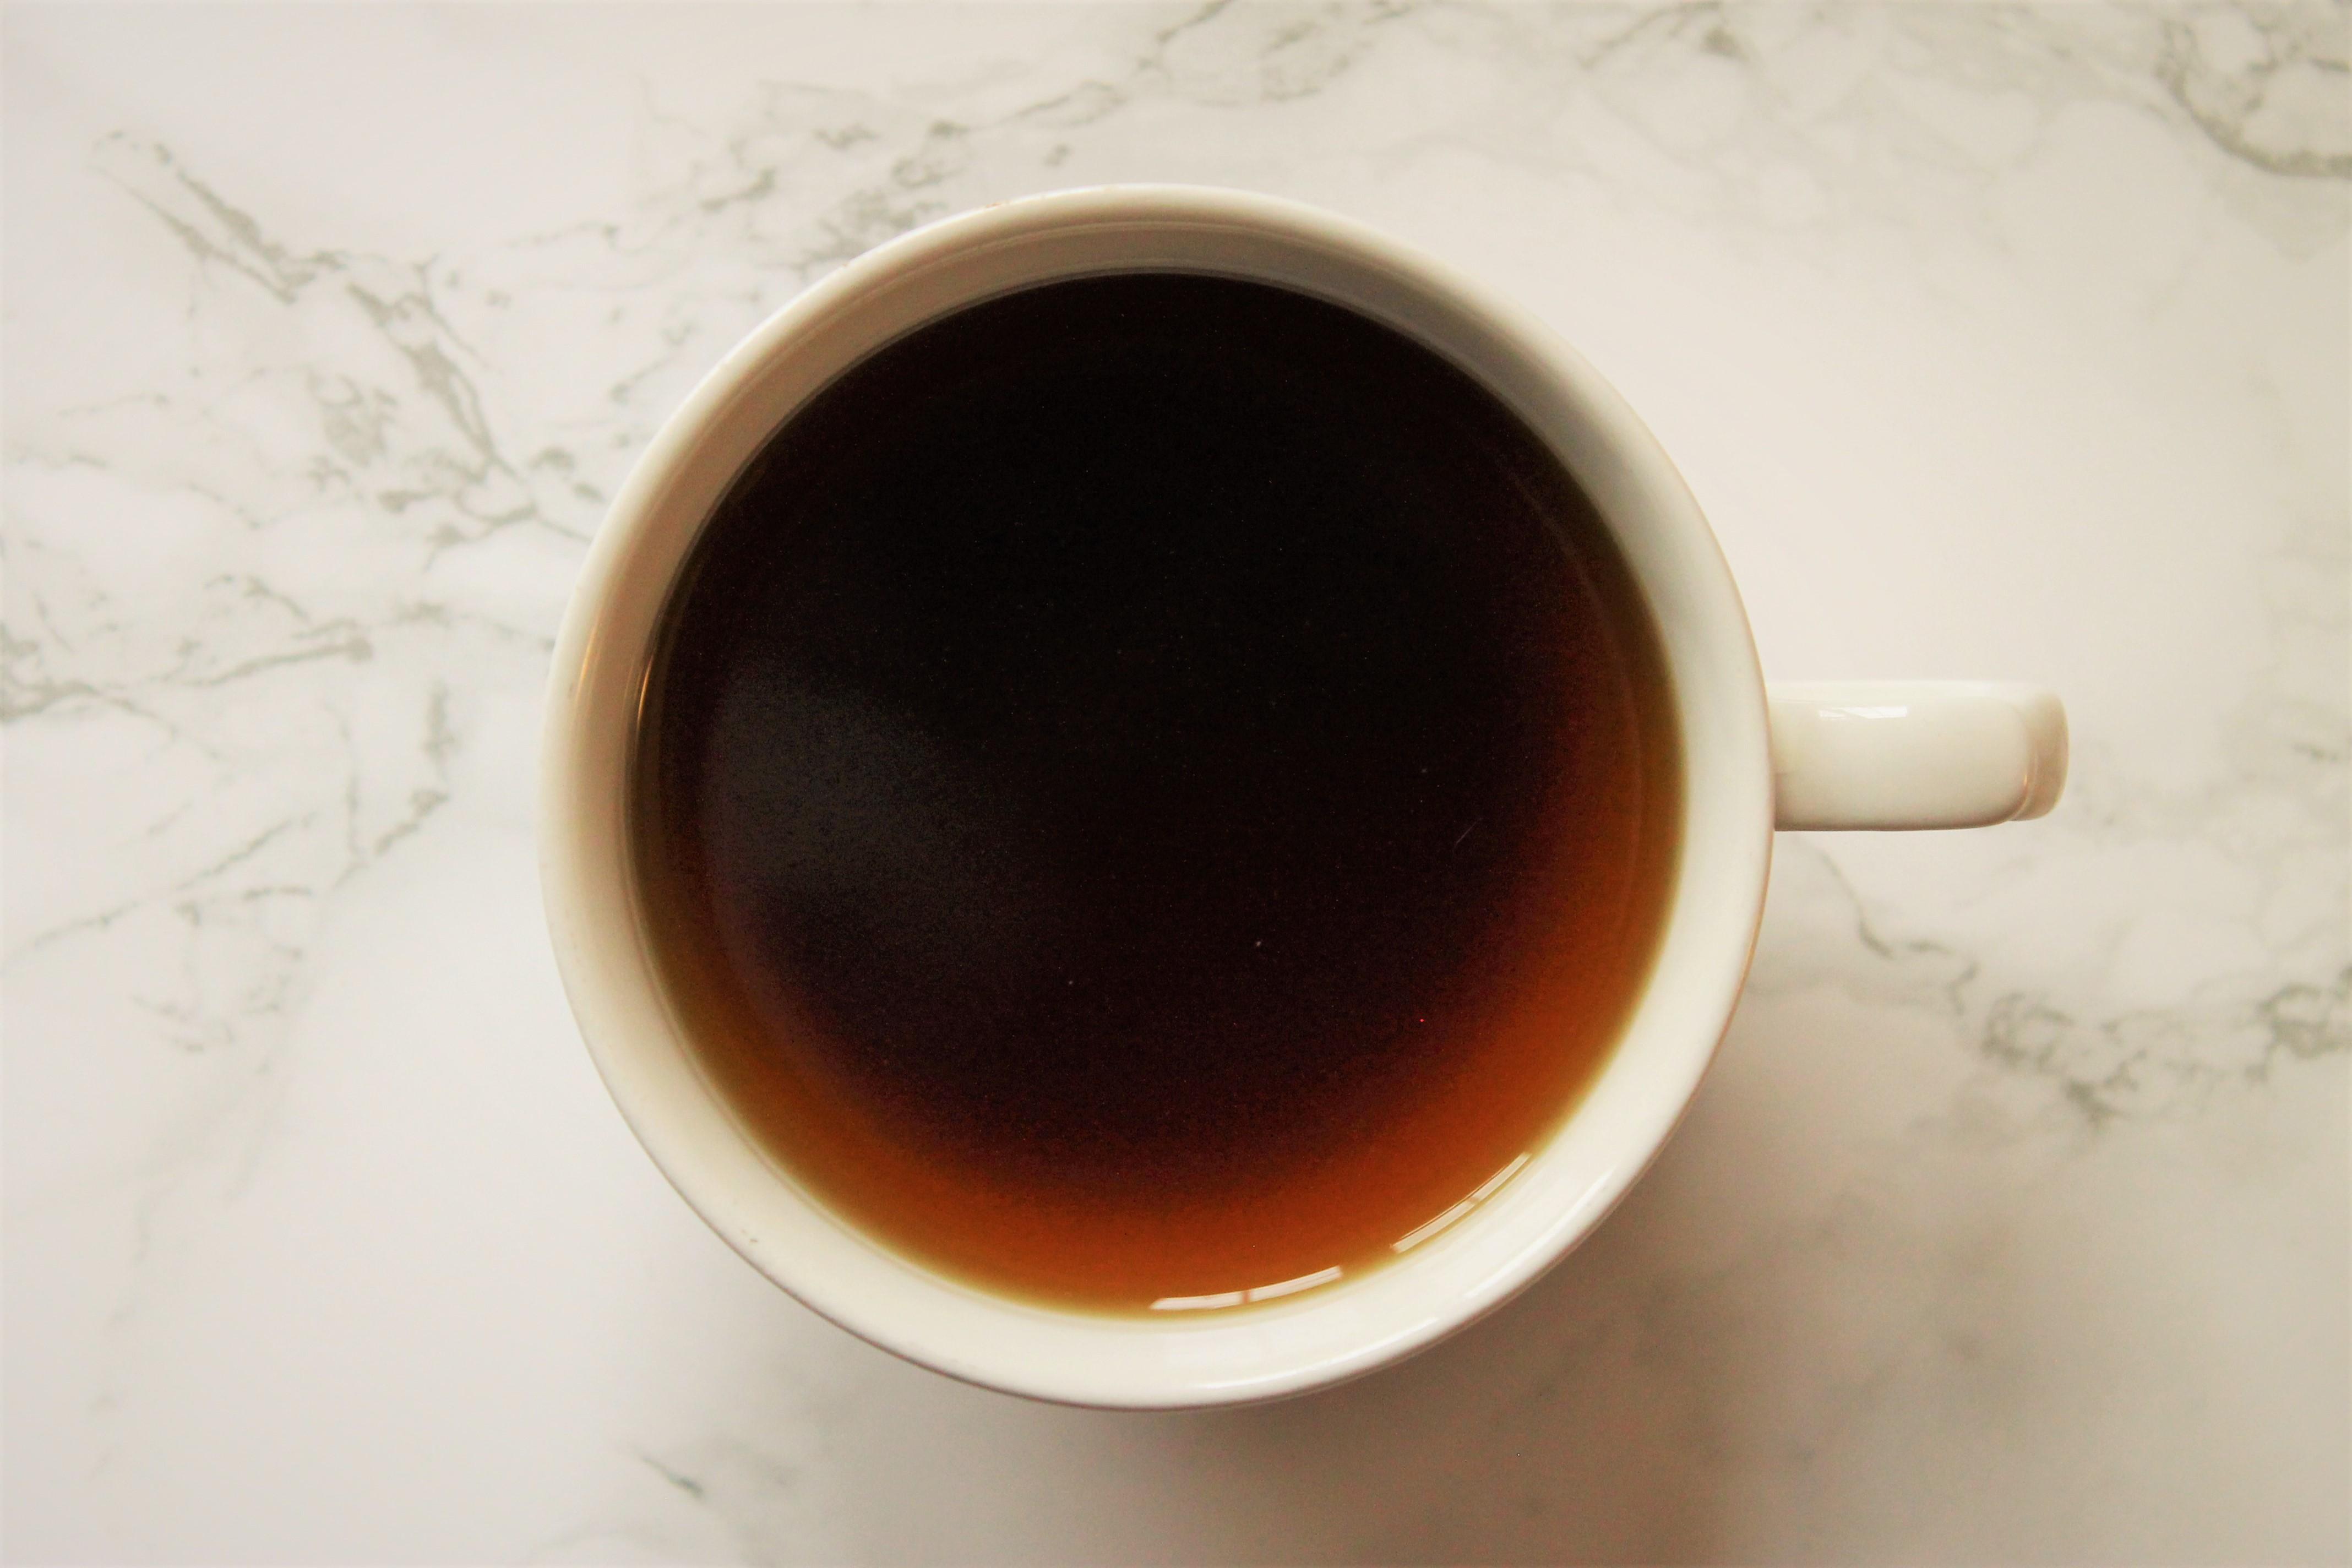 assam tea in teacup